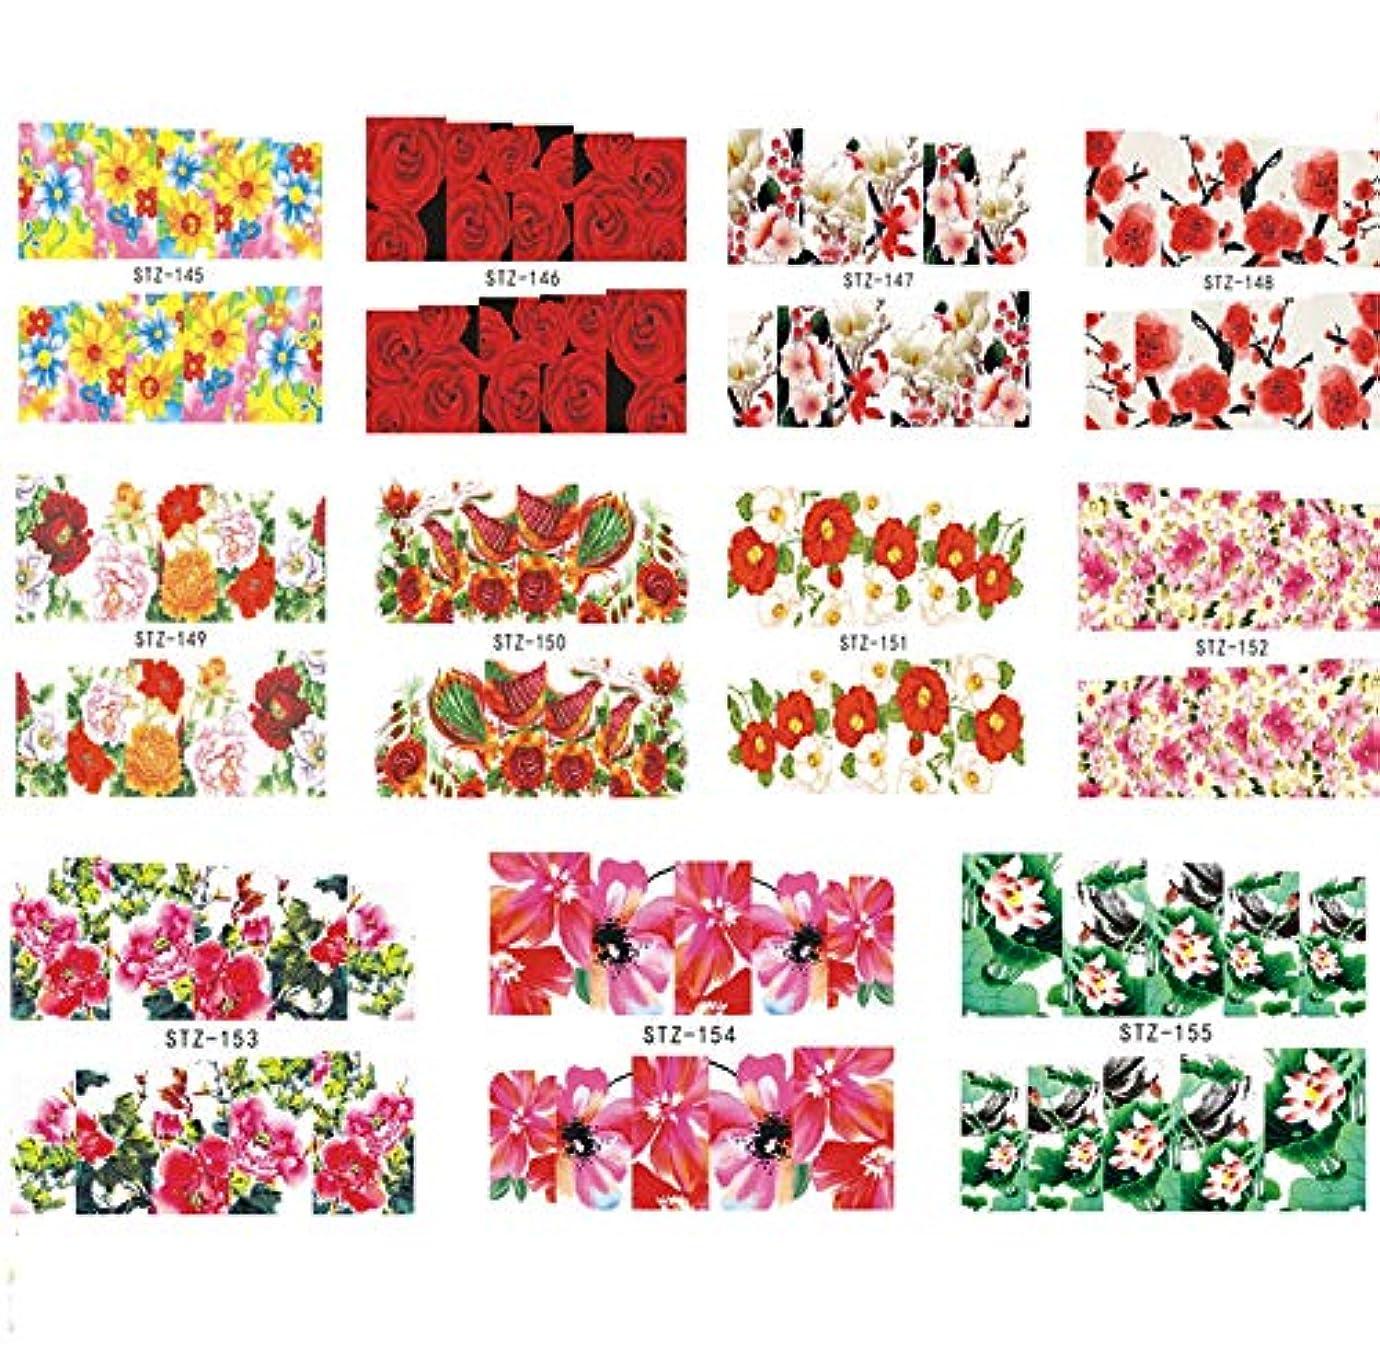 リアル川普遍的なSUKTI&XIAO ネイルステッカー 1セット混合11デザインフルチップネイルアート冬の花水転写ステッカー箔デカールネイル